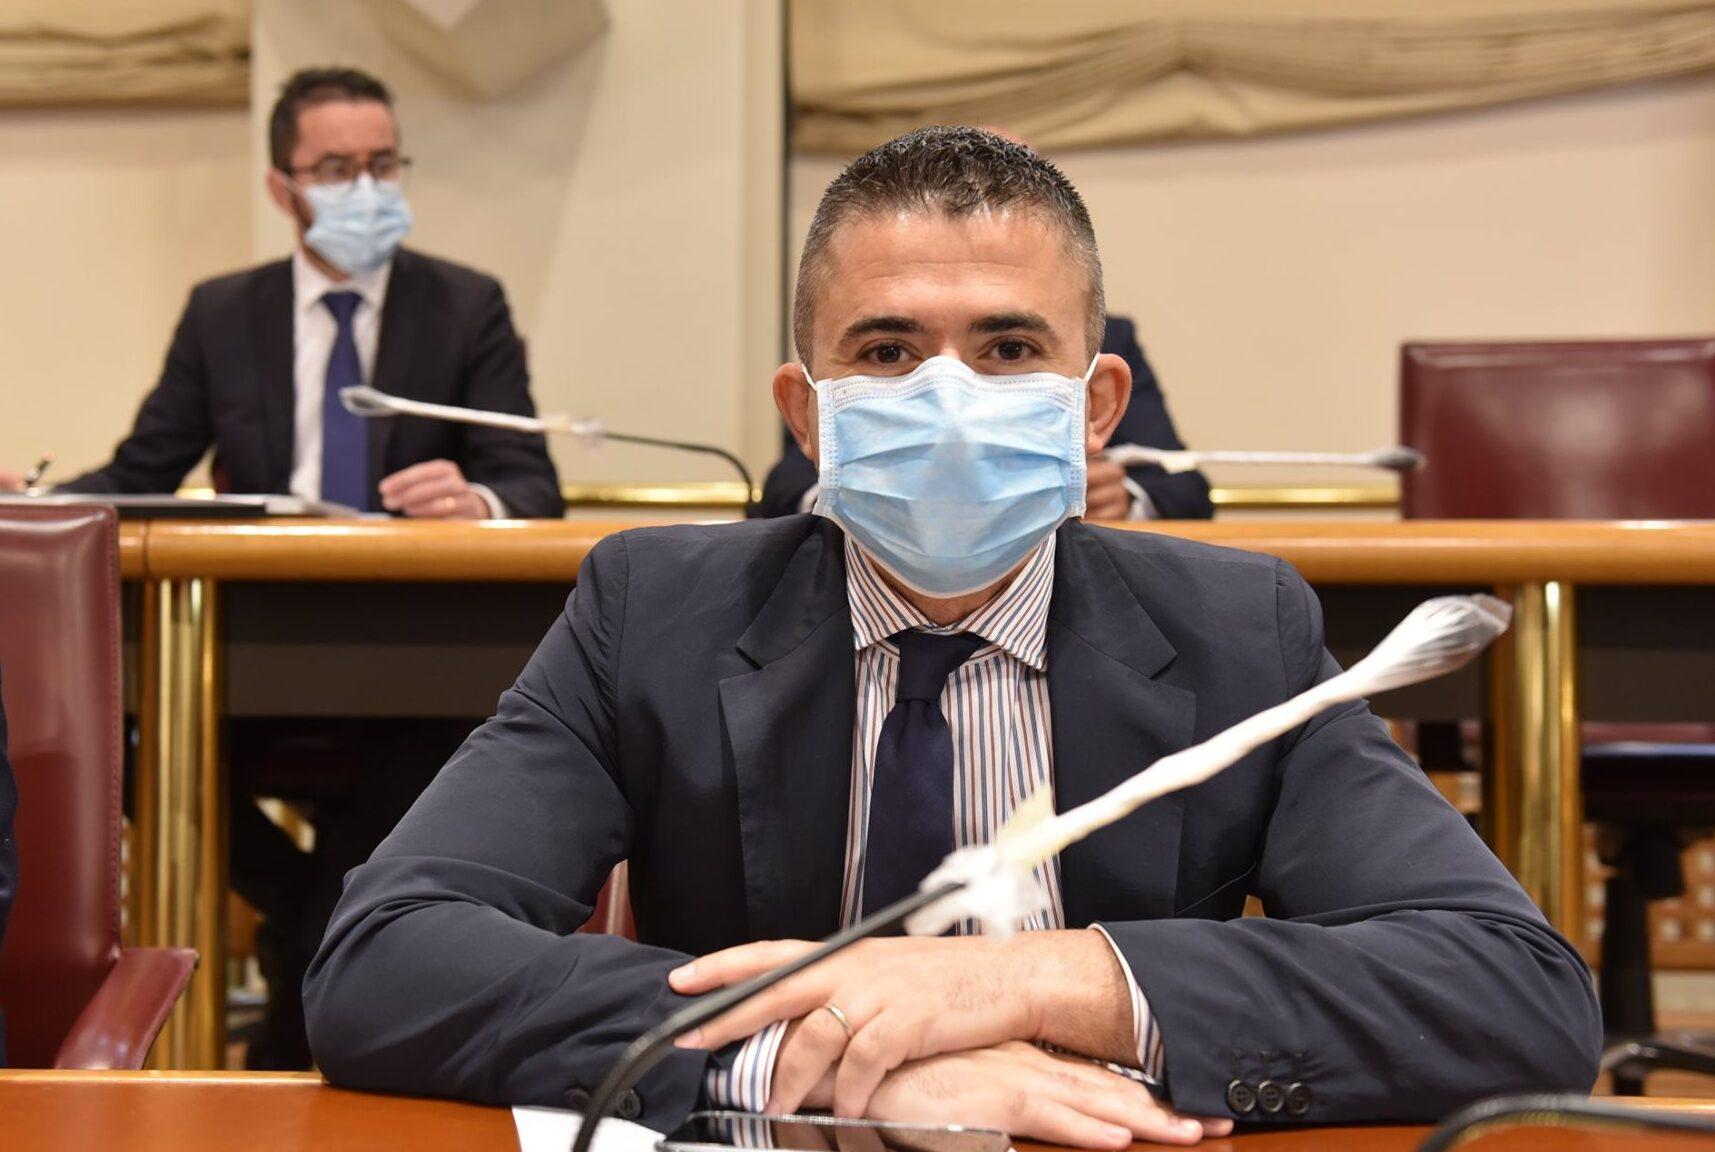 """Paolucci Ppi: """"Maggioranza smascherata sulle riaperture, data da definire, altro che 16 giugno. Sindaci e cittadini beffati"""""""